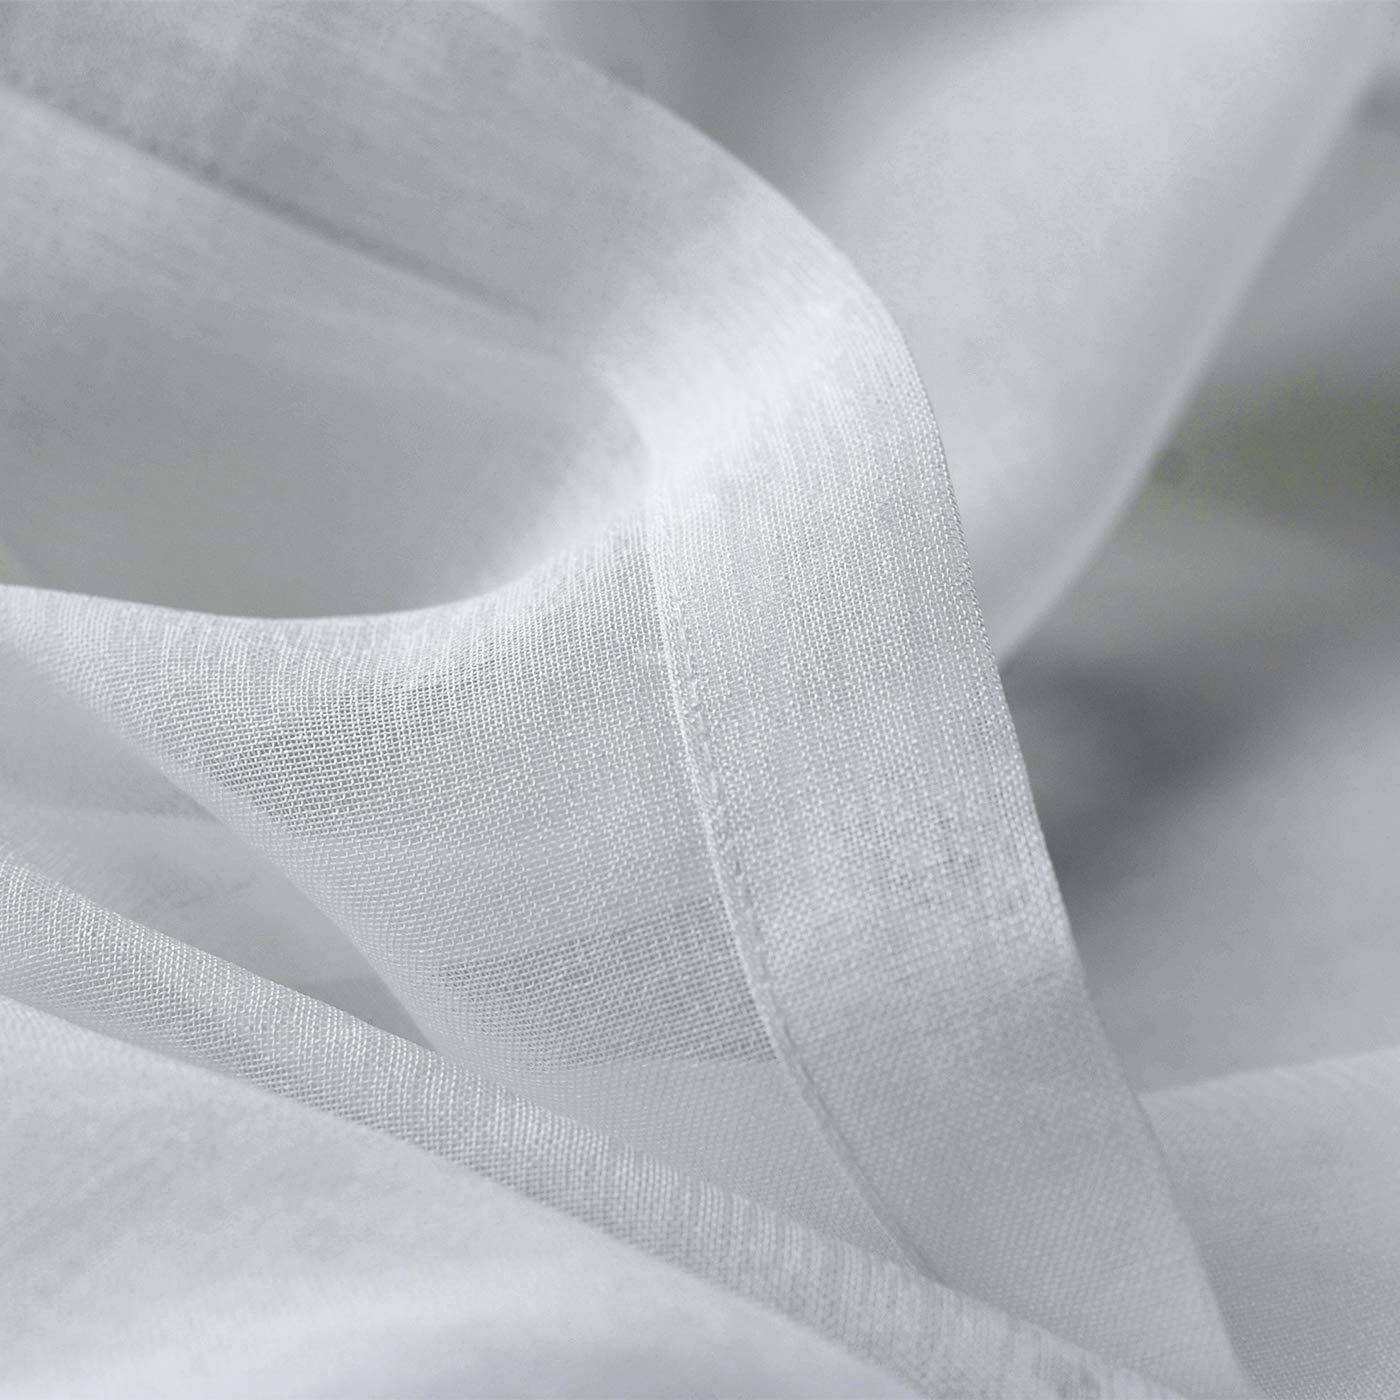 per Soggiorno e Camera da Letto 140 x 245 cm Bianco Decorazioni Bianco con Occhielli Singinglory Tenda Trasparente con fermatenda finestre Effetto Lino Set da 2 Pezzi Voile